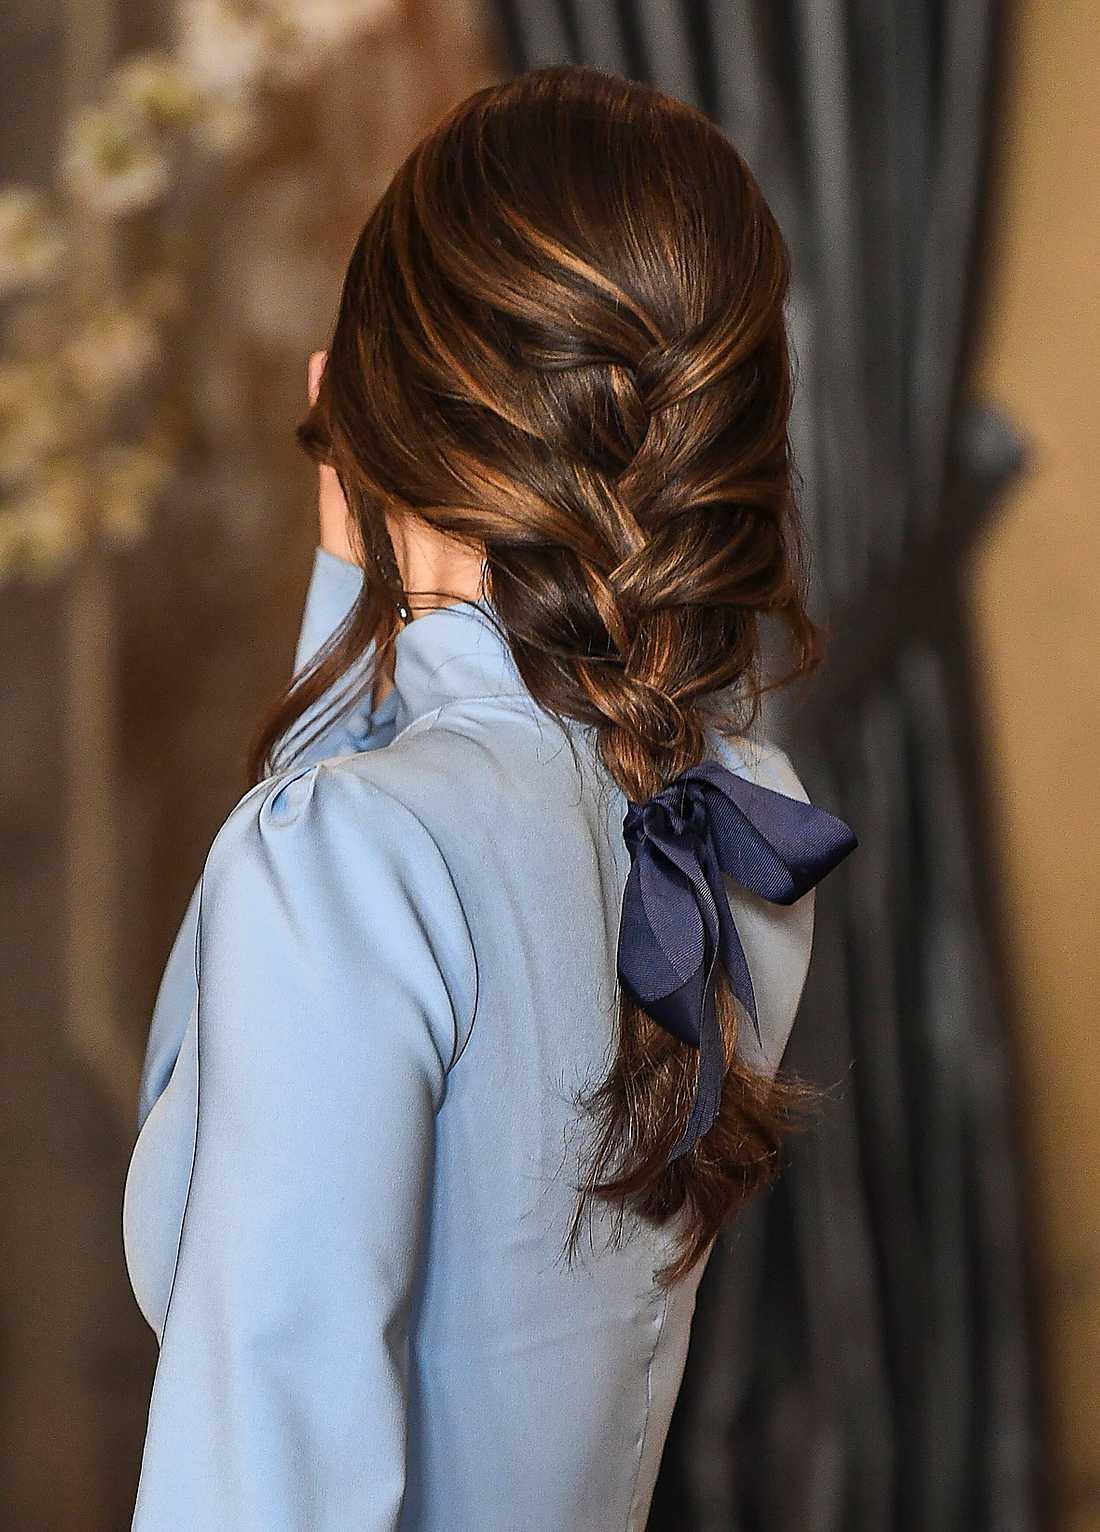 Vid en kungamiddag i mars hade prinsessan Sofia en stor rosett i sitt flätade hår, en annan hårtrend som är populär.